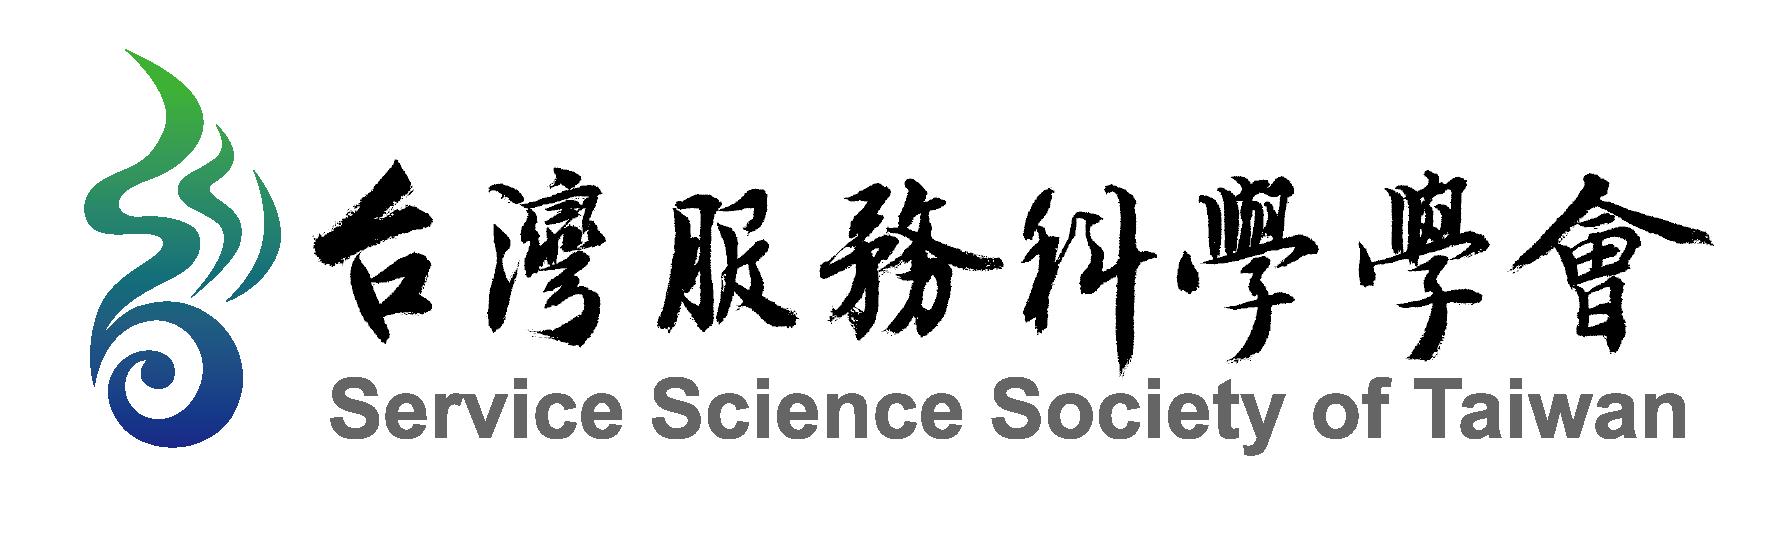 台灣服務科學學會.png